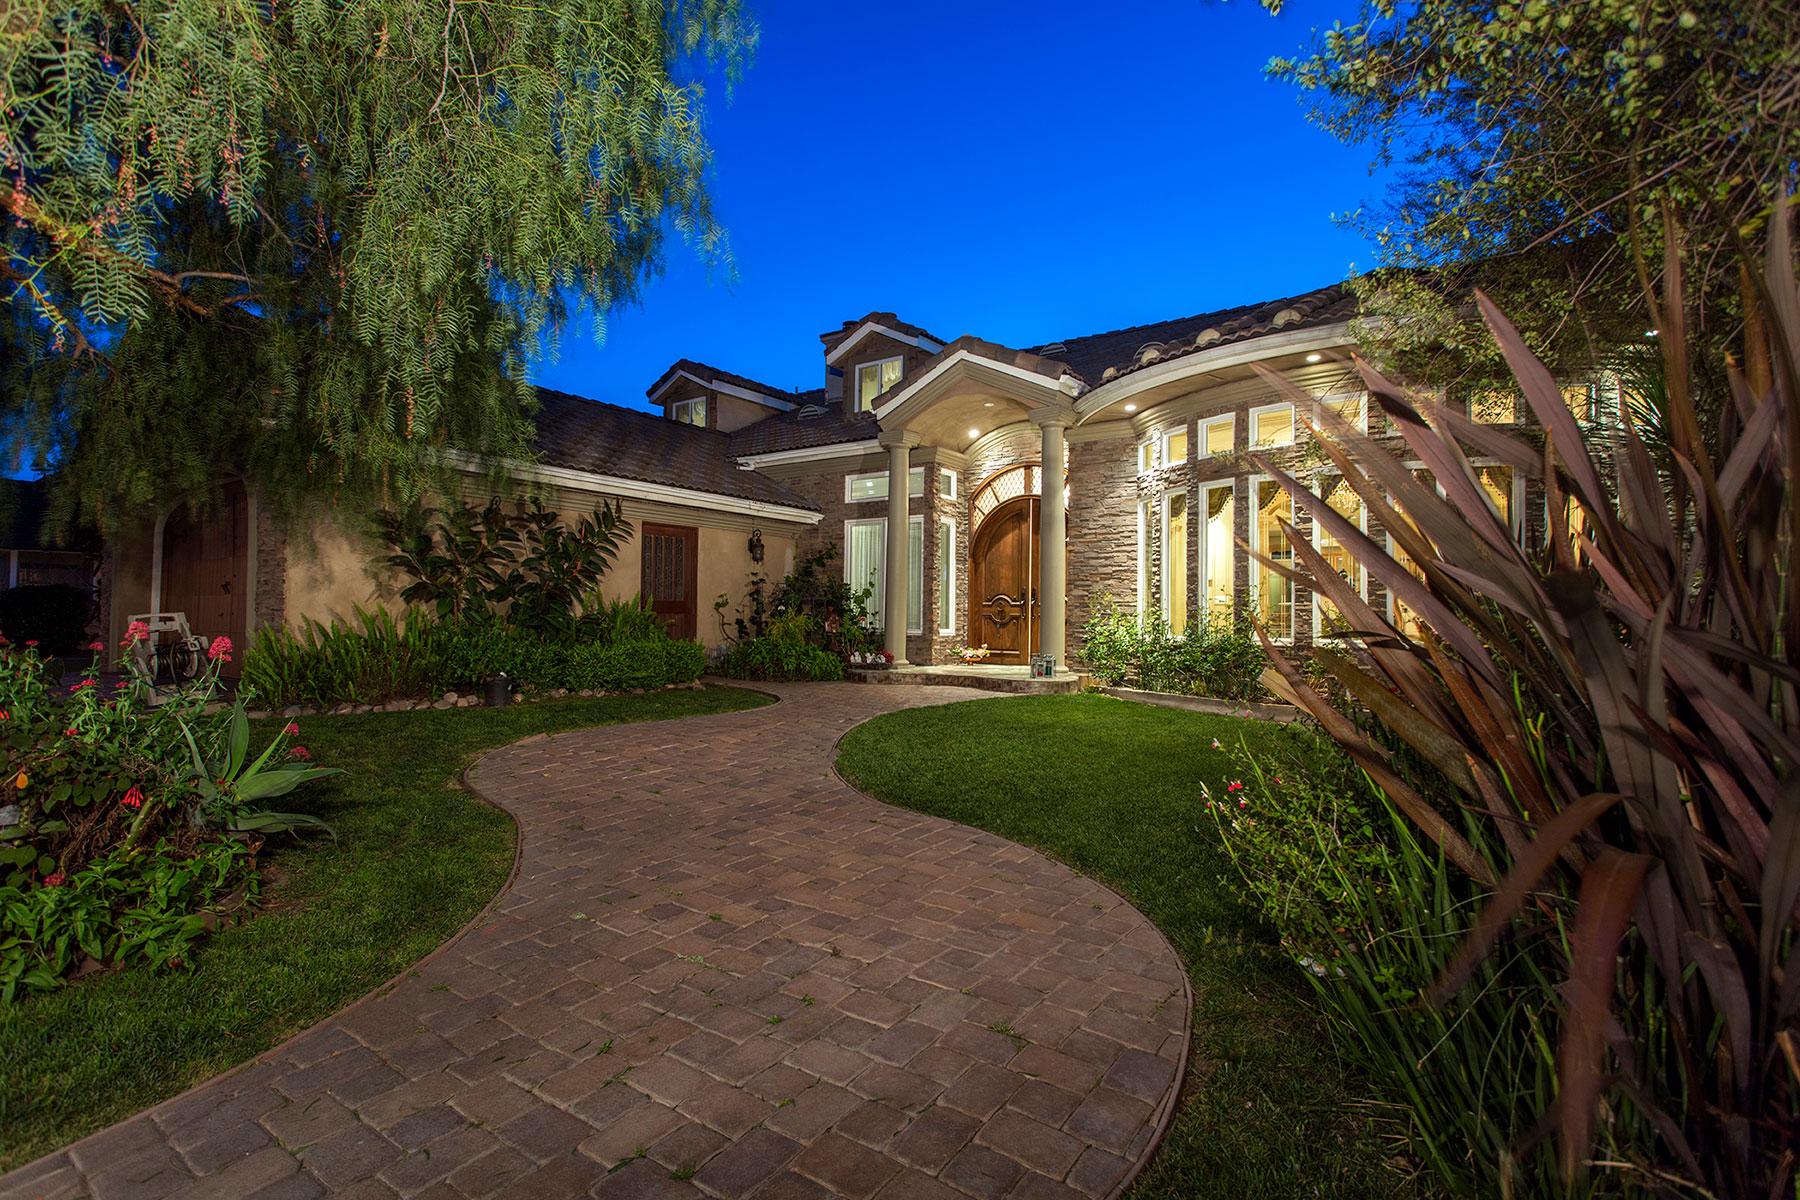 独户住宅 为 销售 在 11801 Kensington Rossmoor, 加利福尼亚州, 90720 美国